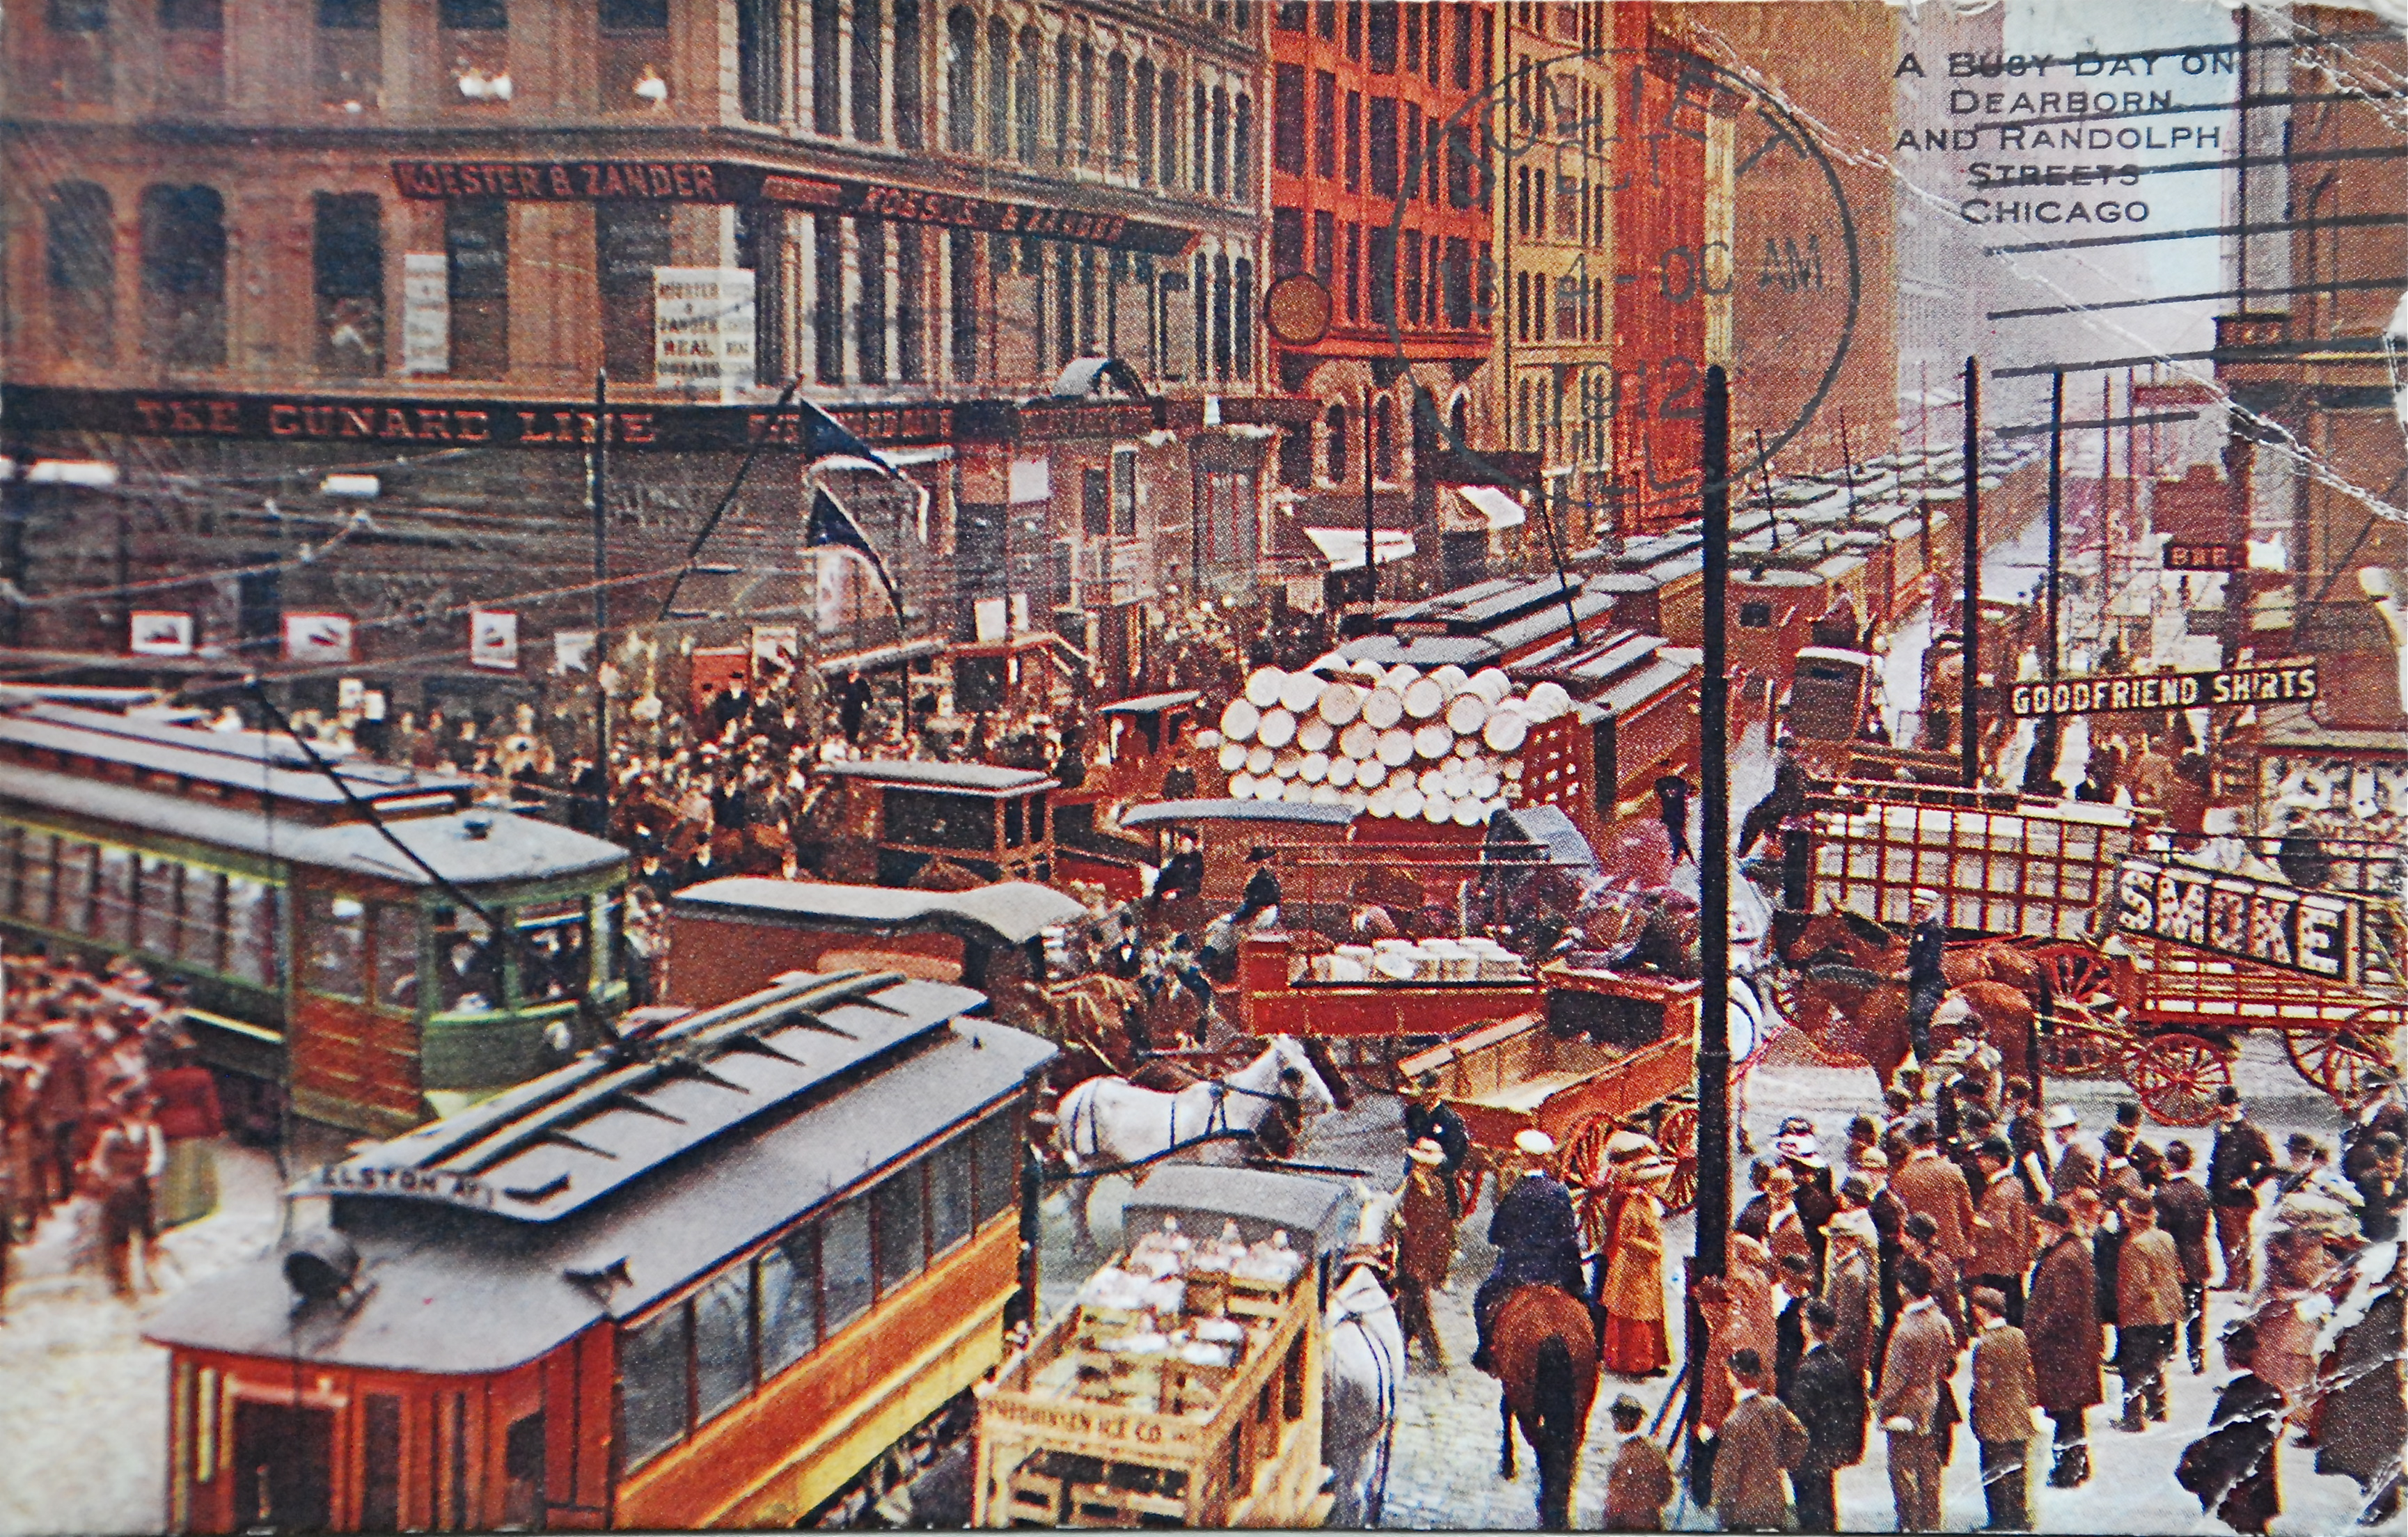 File:Chicago-Loop-1900.jpg - Wikipedia